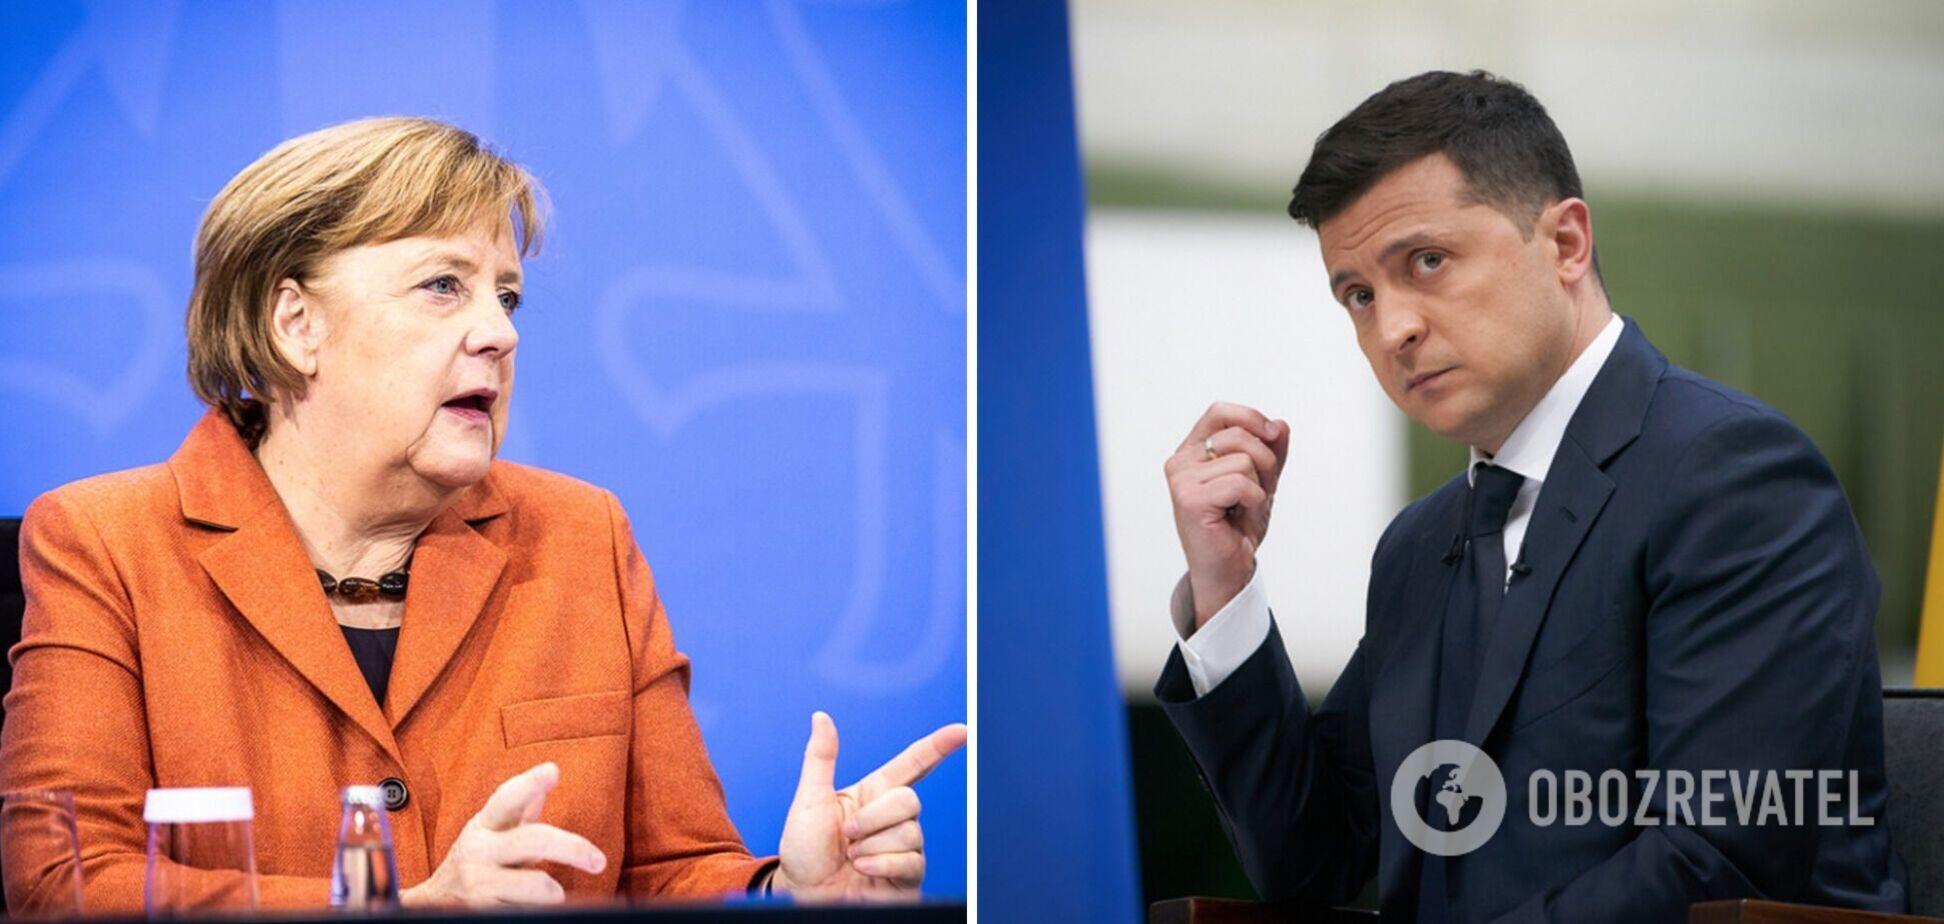 Меркель в аеропорту 'Бориспіль' не зустрічало керівництво держави